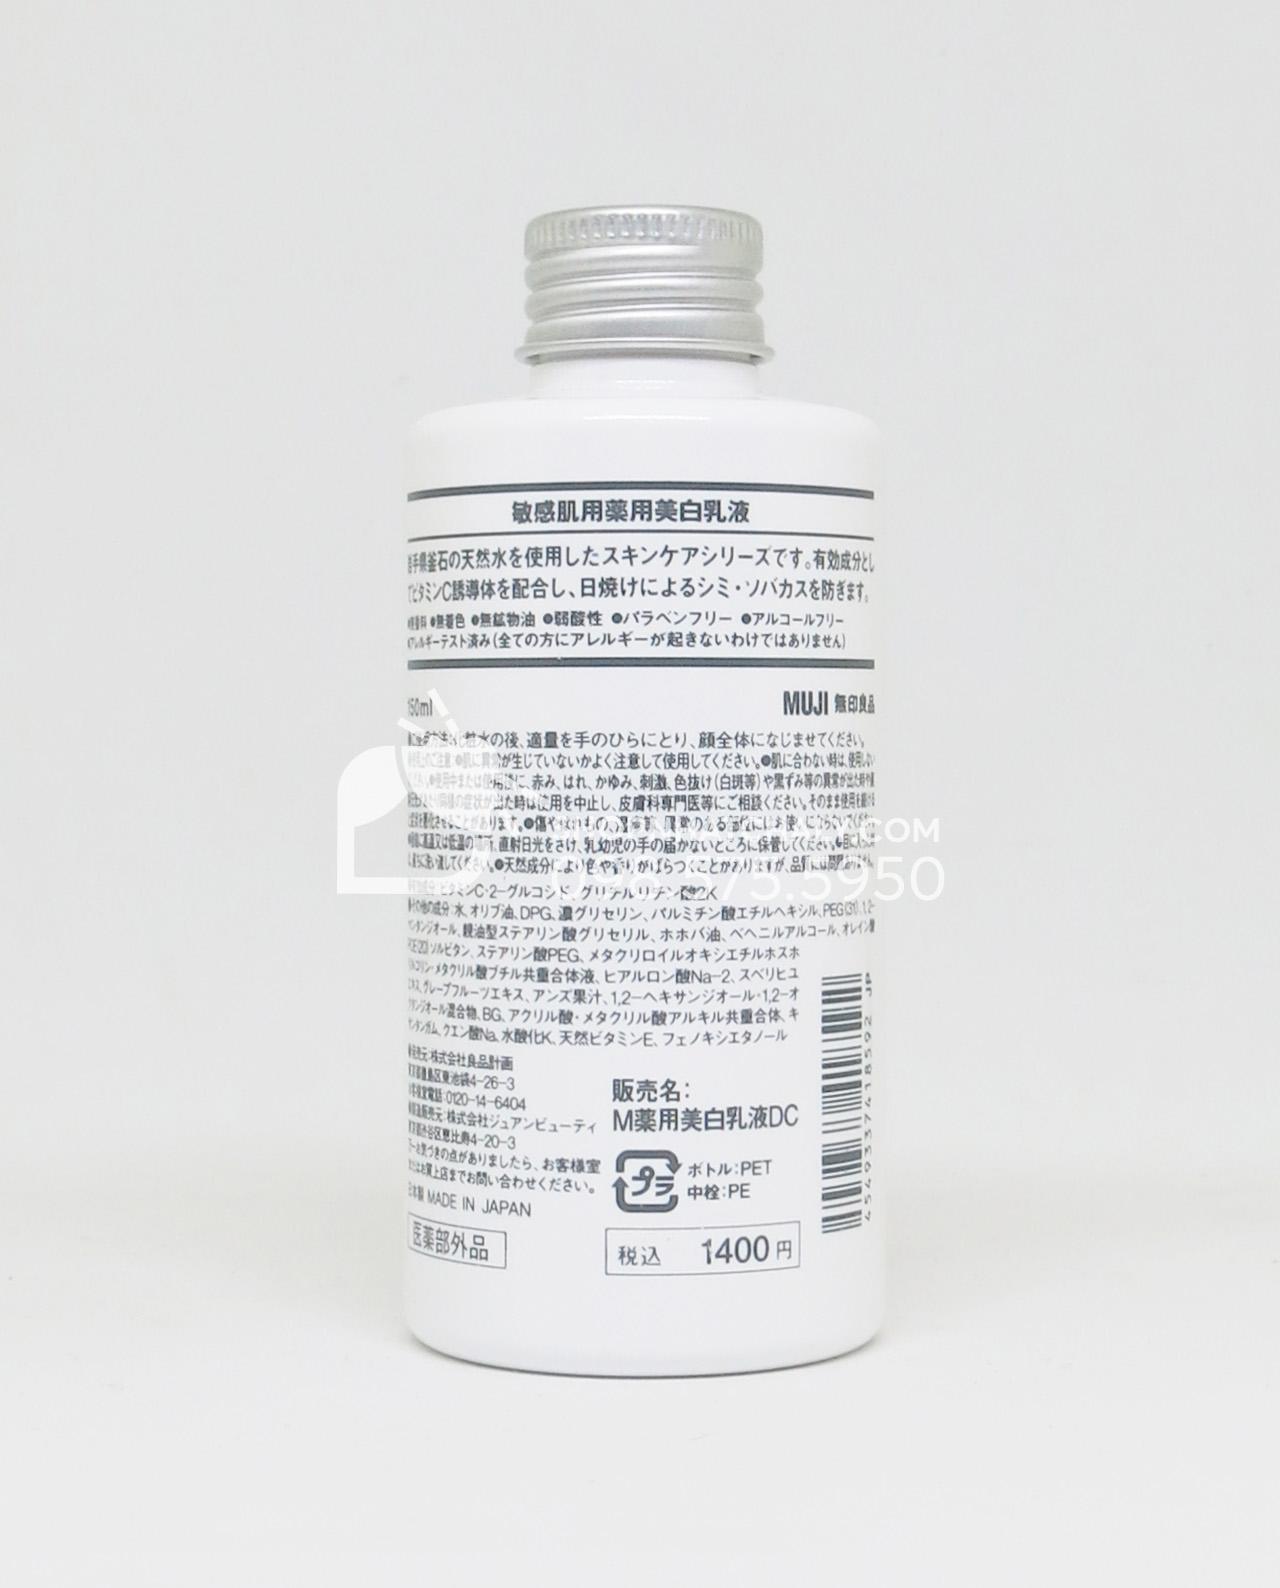 Sữa dưỡng trắng cho da nhạy cảm Muji Moisturing Milk Nhật Bản - thông tin sản phẩm